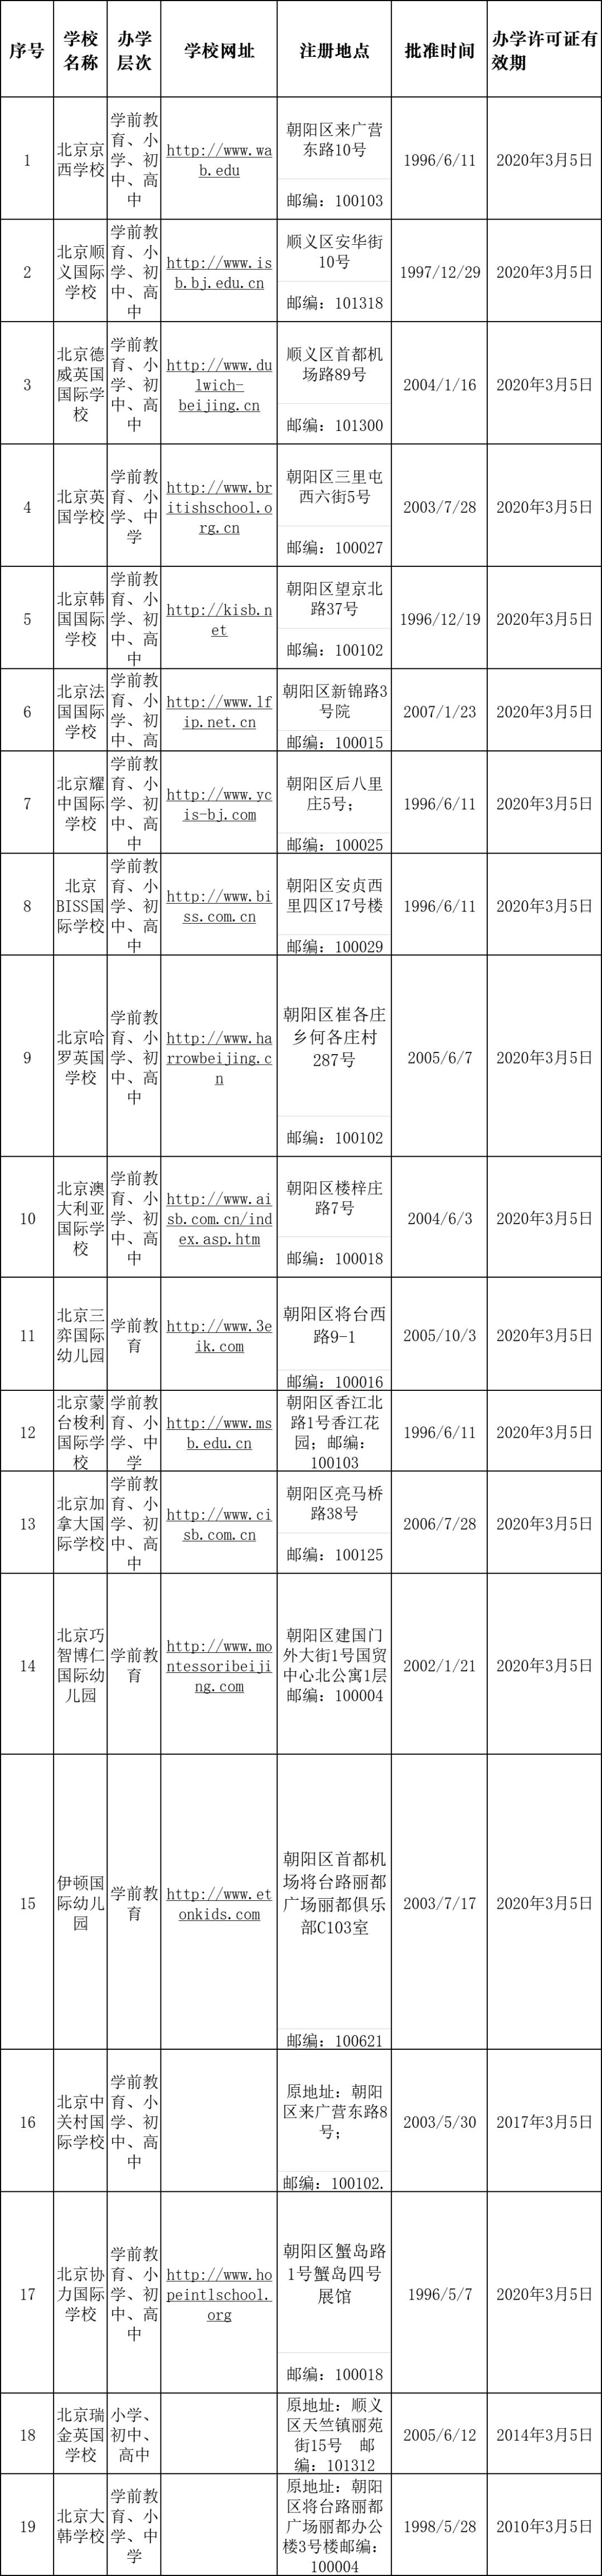 重磅消息 北京中小学可接收外籍人员子女入学